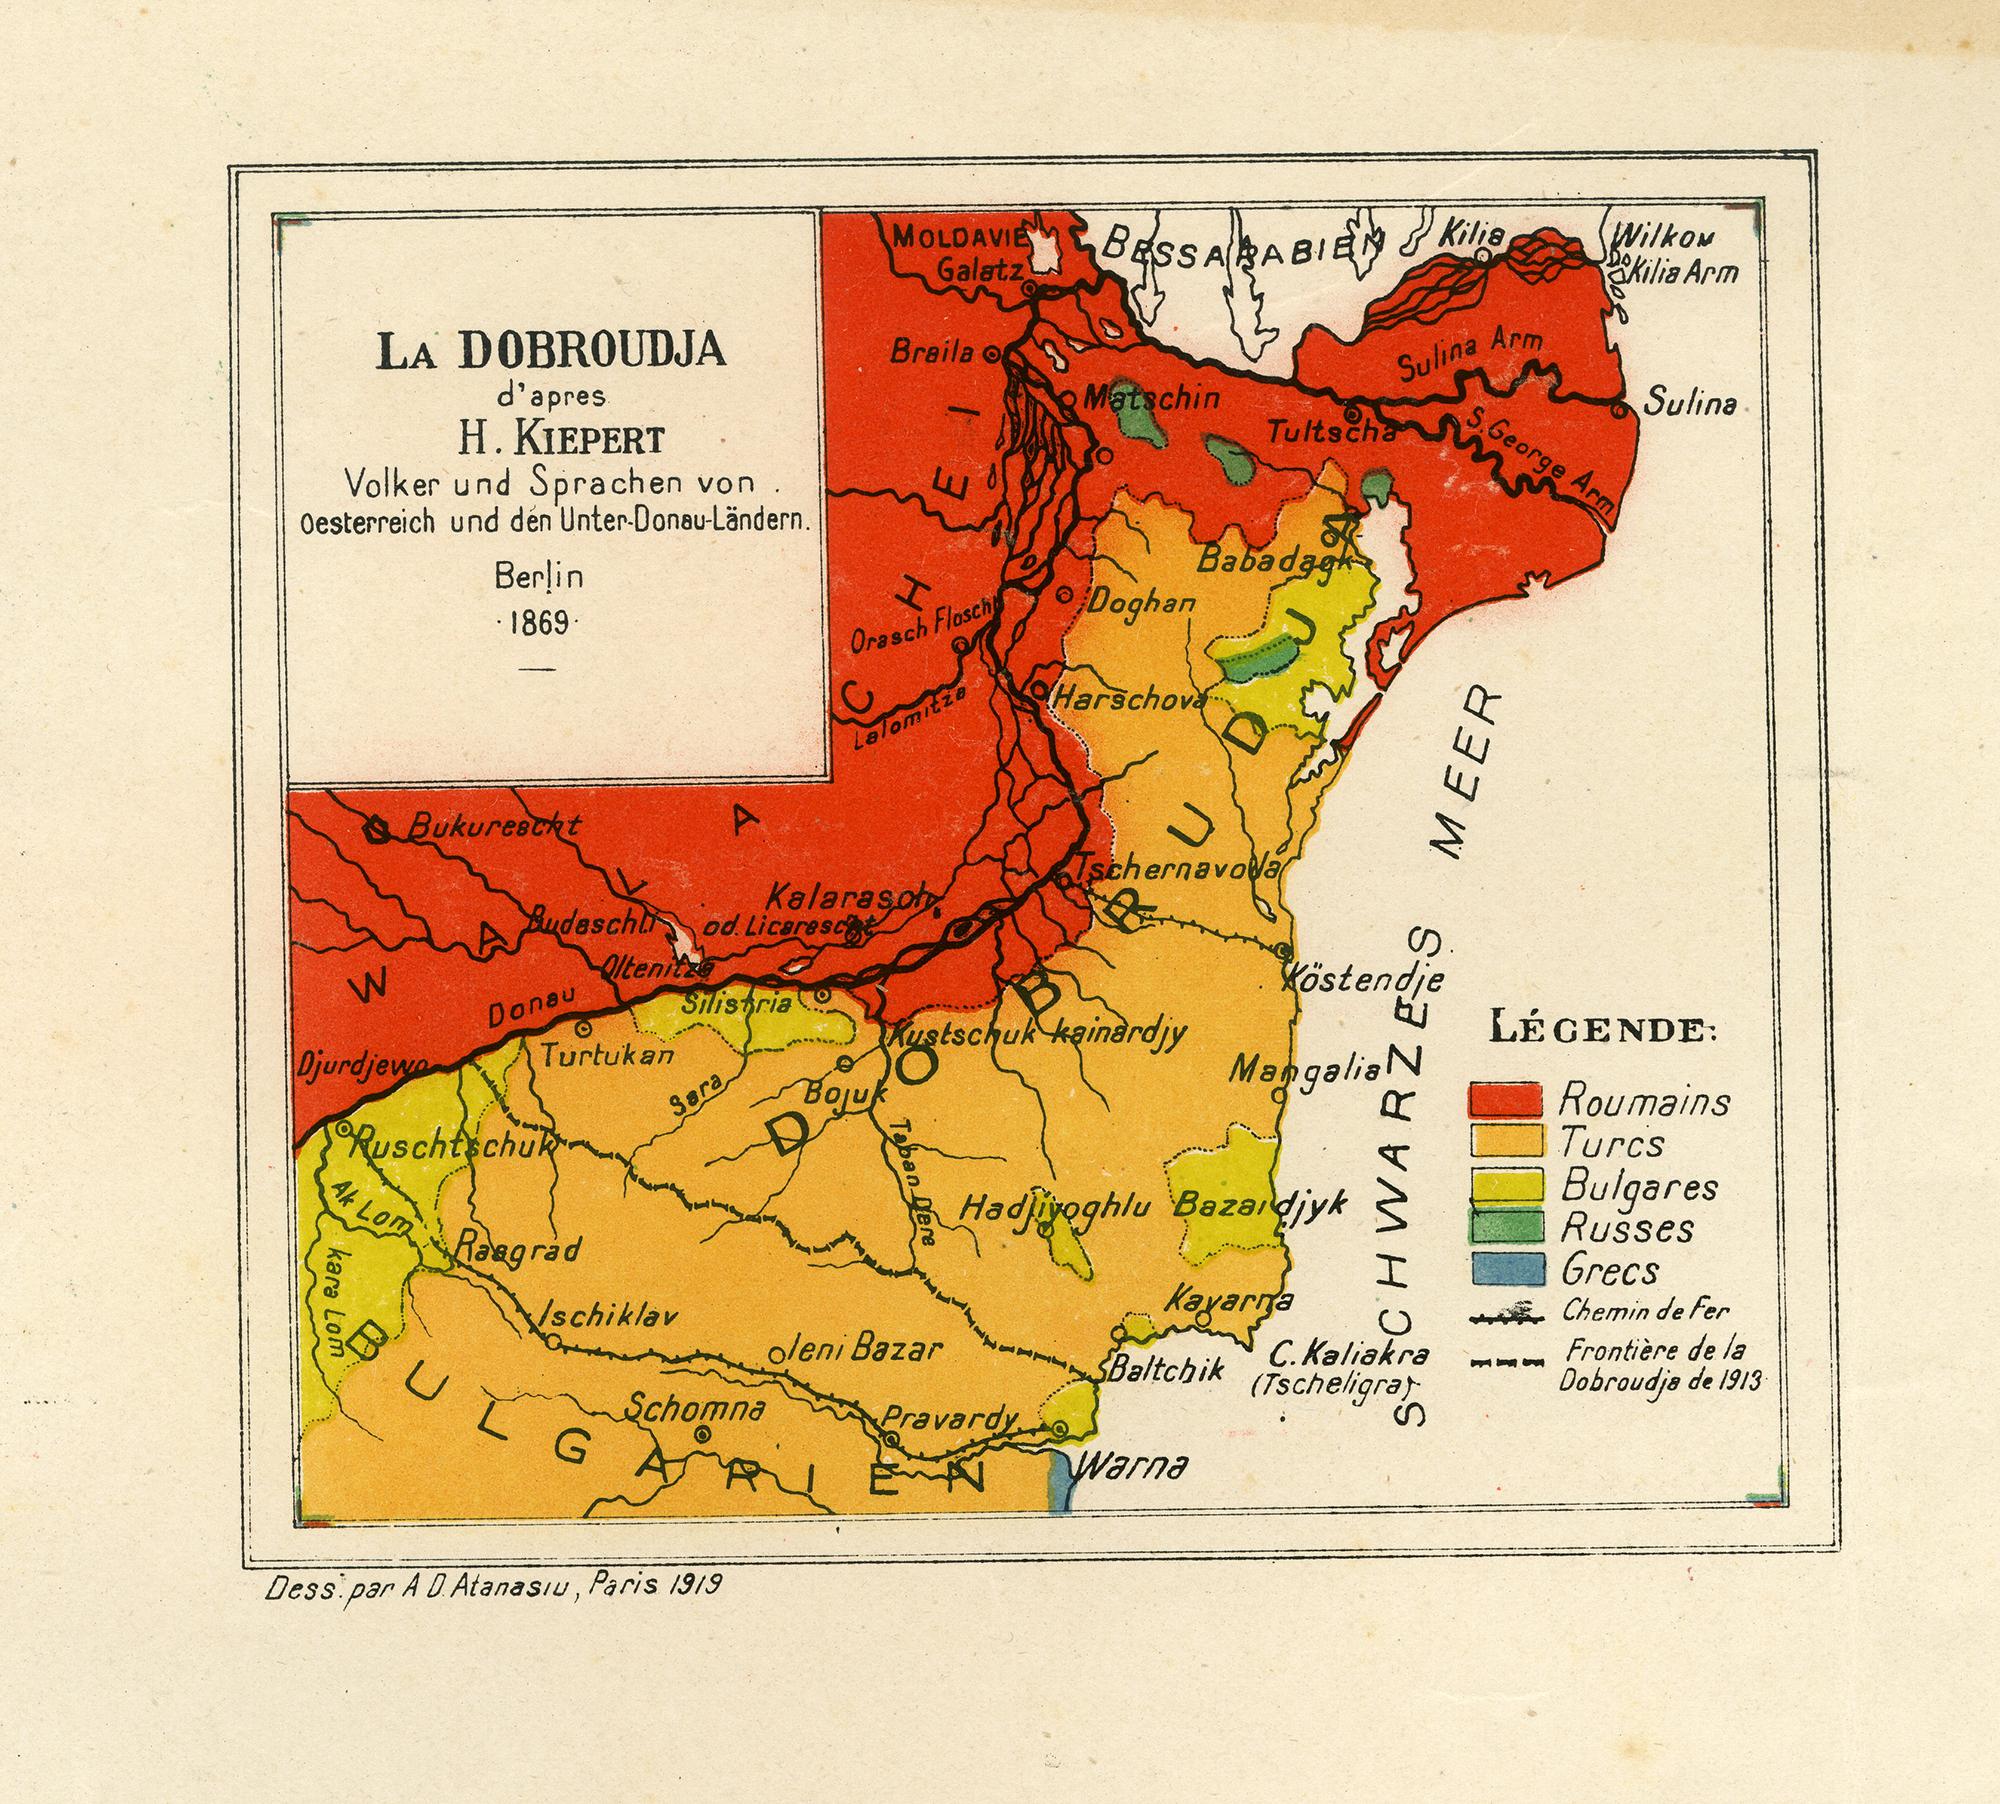 Hartă - La Dobroudja d'apres H. Kiepert, Volker und Sprachen von Oesterreich und der Unter Donau Landern Berlin 1869